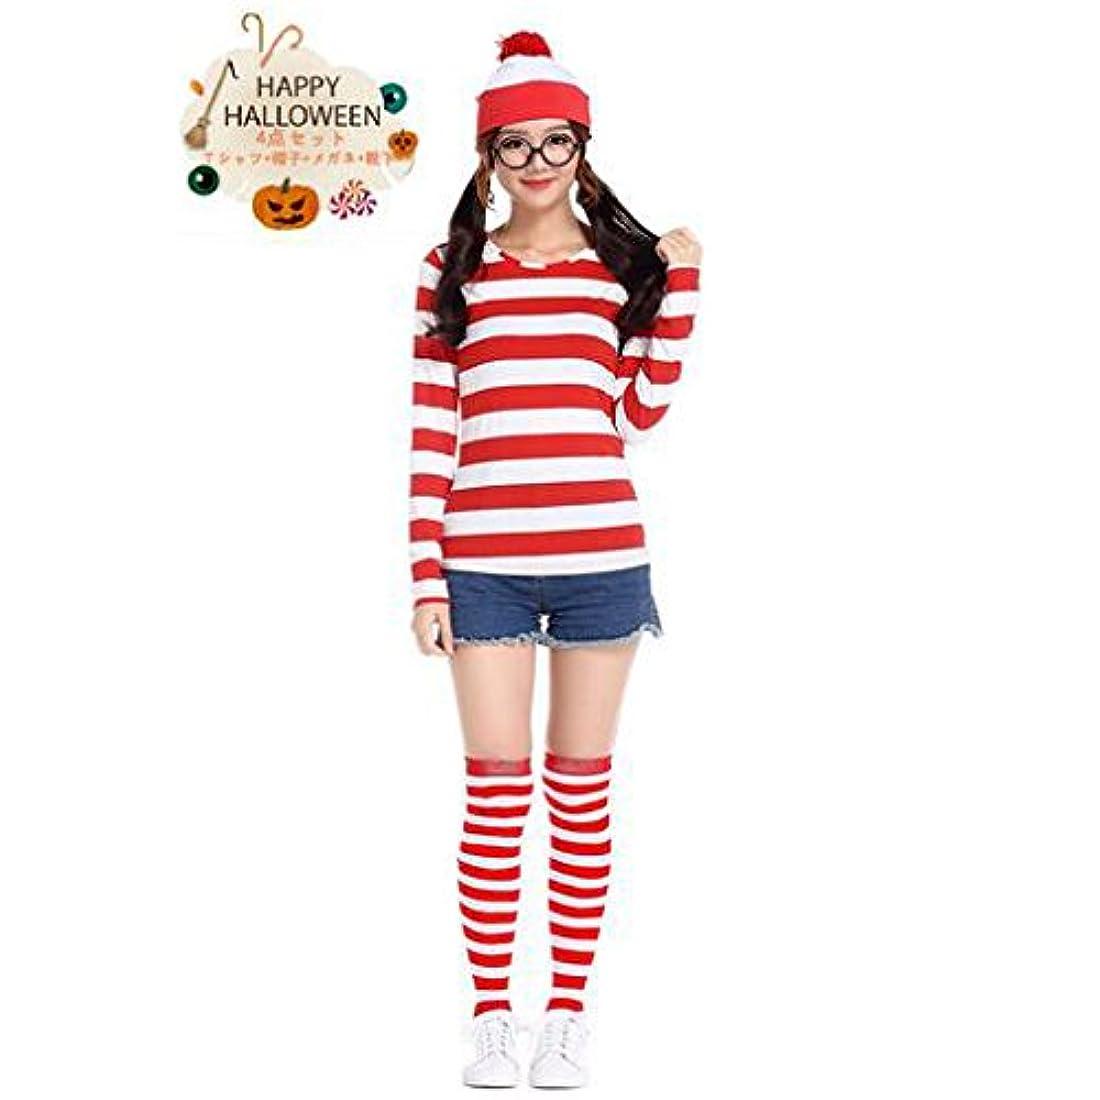 スクラップ突進表示ウォーリーを探せ 衣装 仮装 コスチューム ウォーリー 親子ペアルック レディース コスプレ  4点セット 女性 レッド (L)